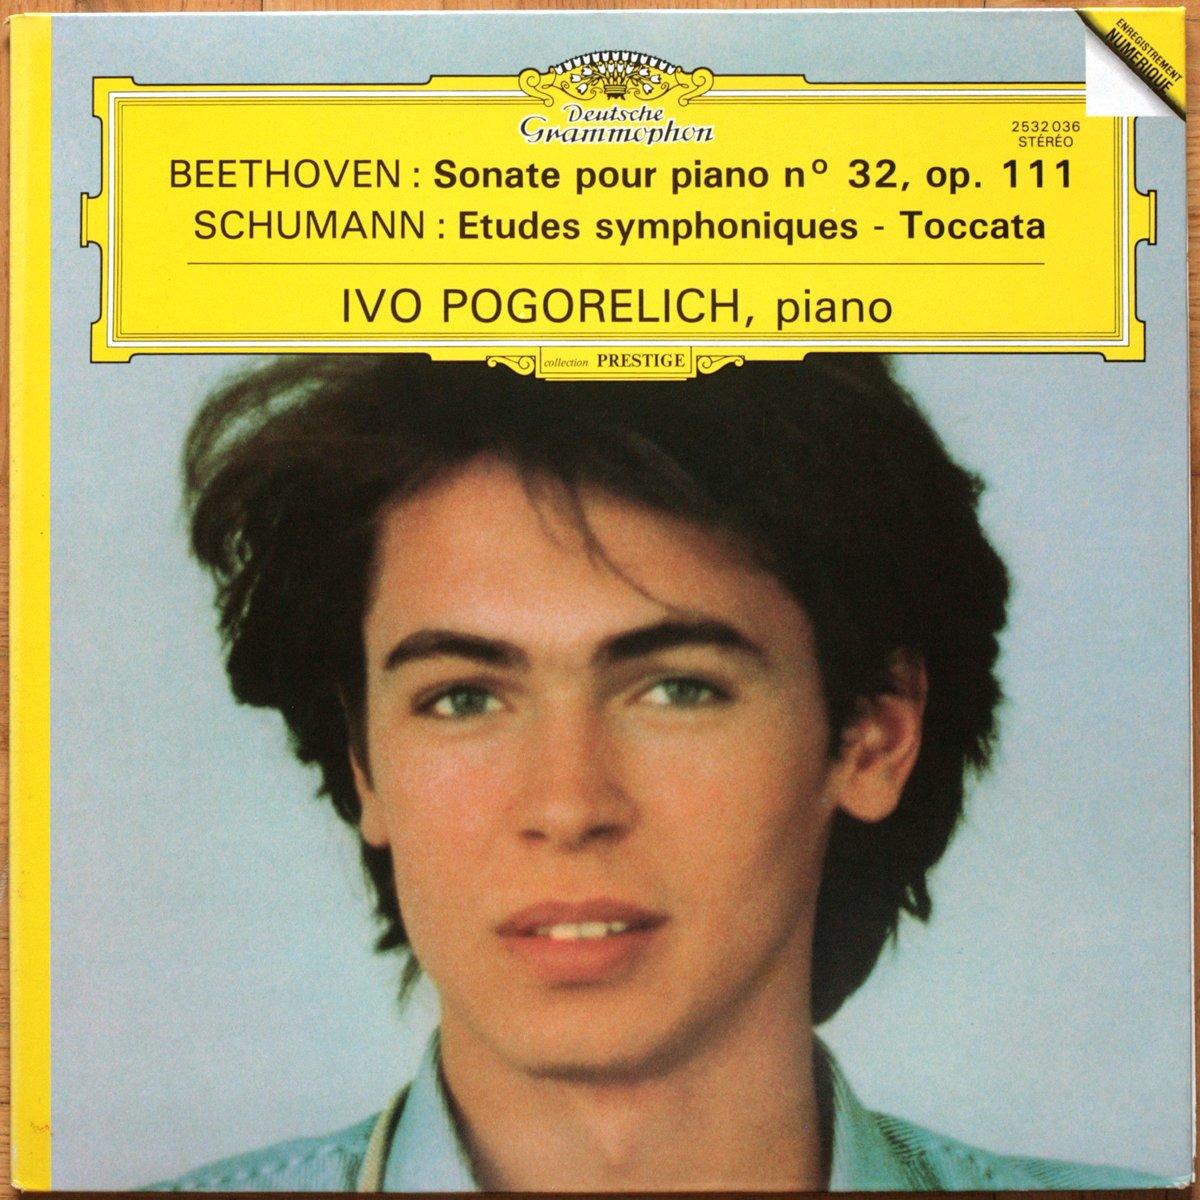 DGG 2532036 Beethoven Schumann Pogorelich